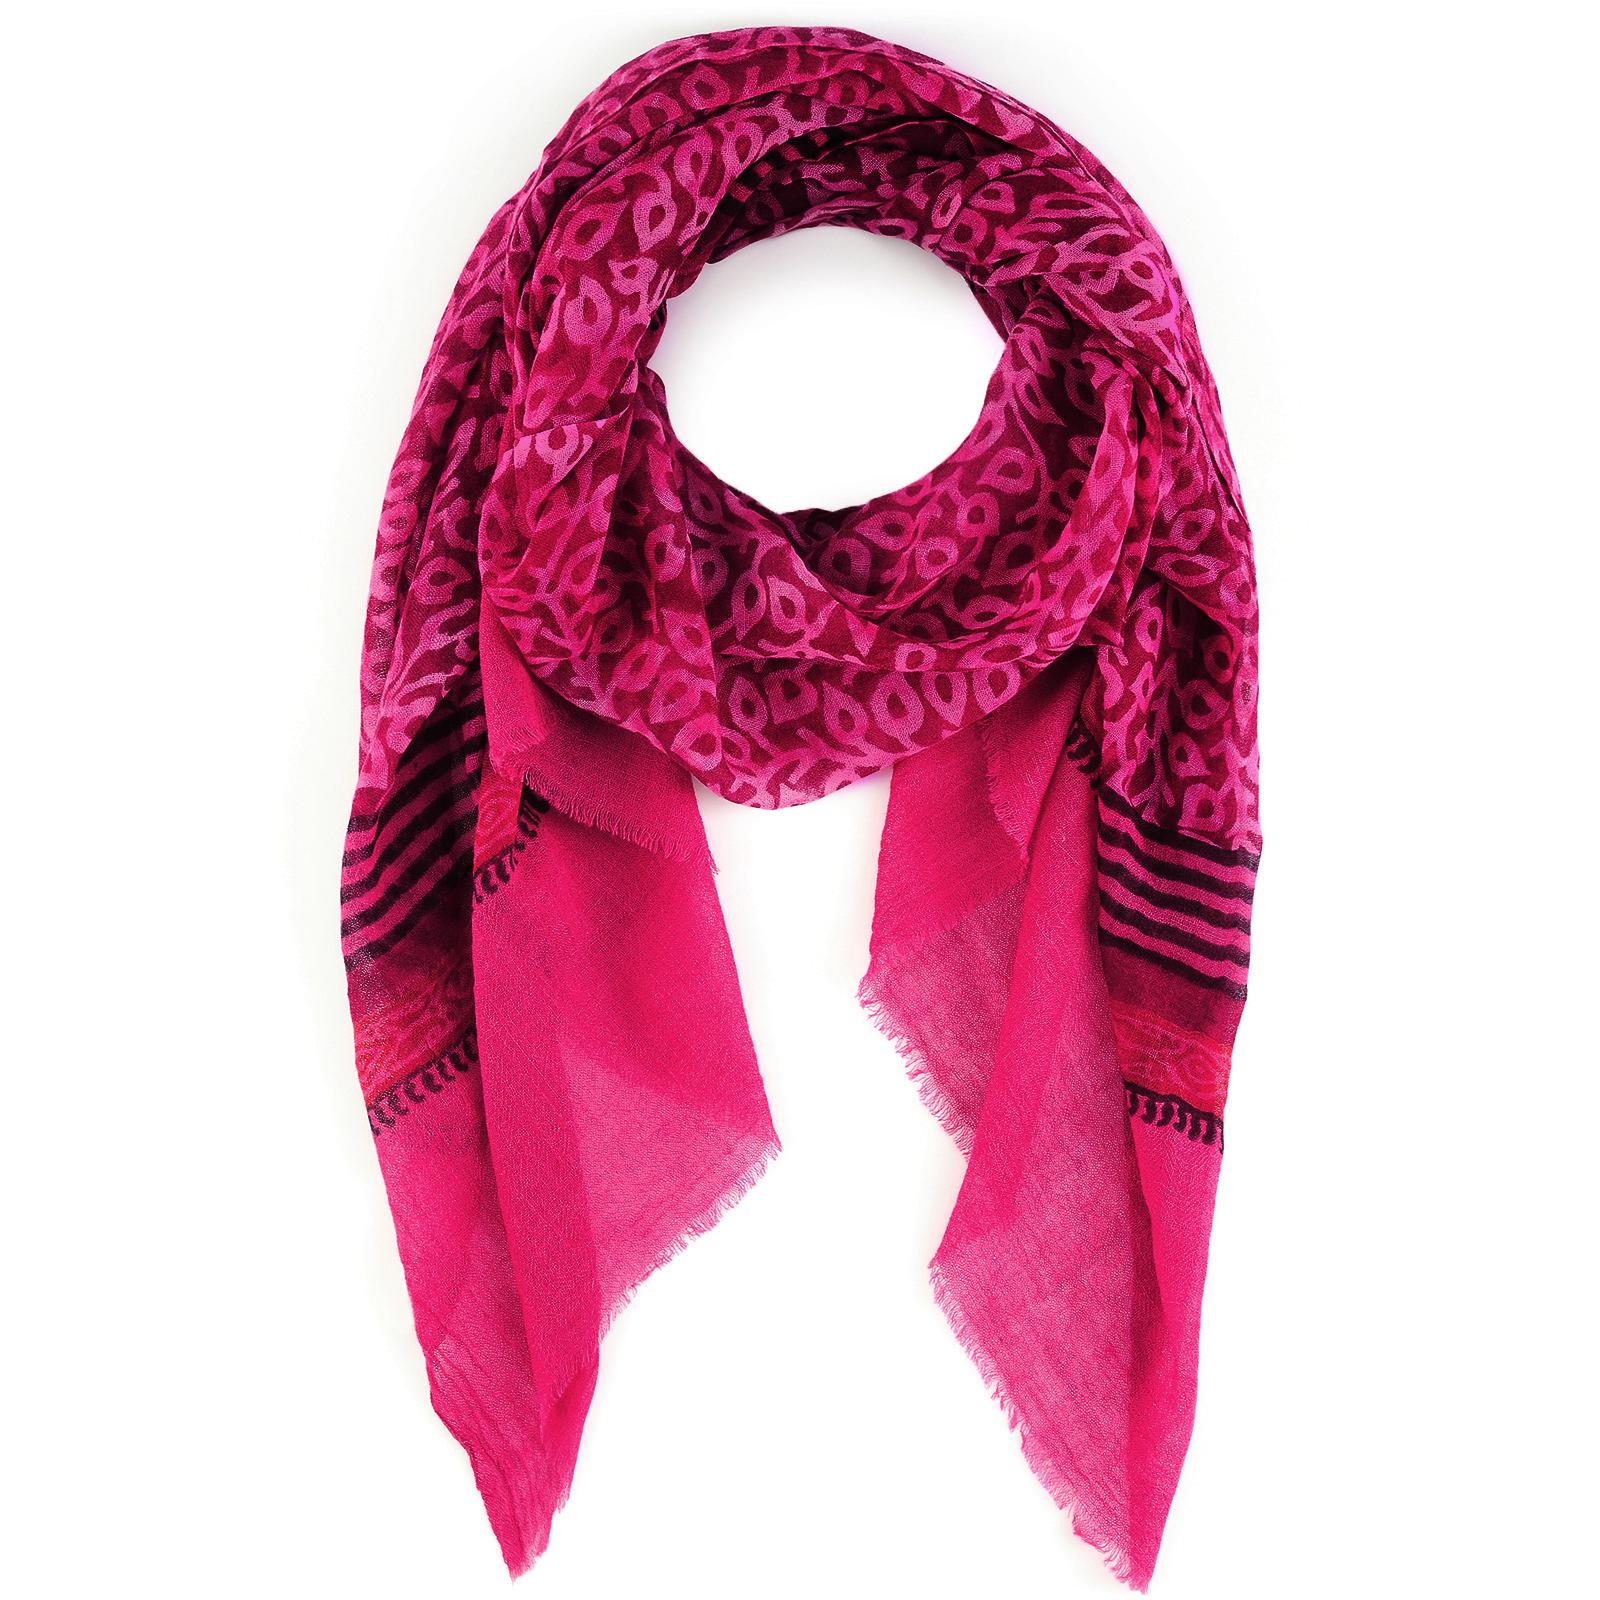 bc929523d338 Echarpe rose laine etole laine et soie femme   Twin2014